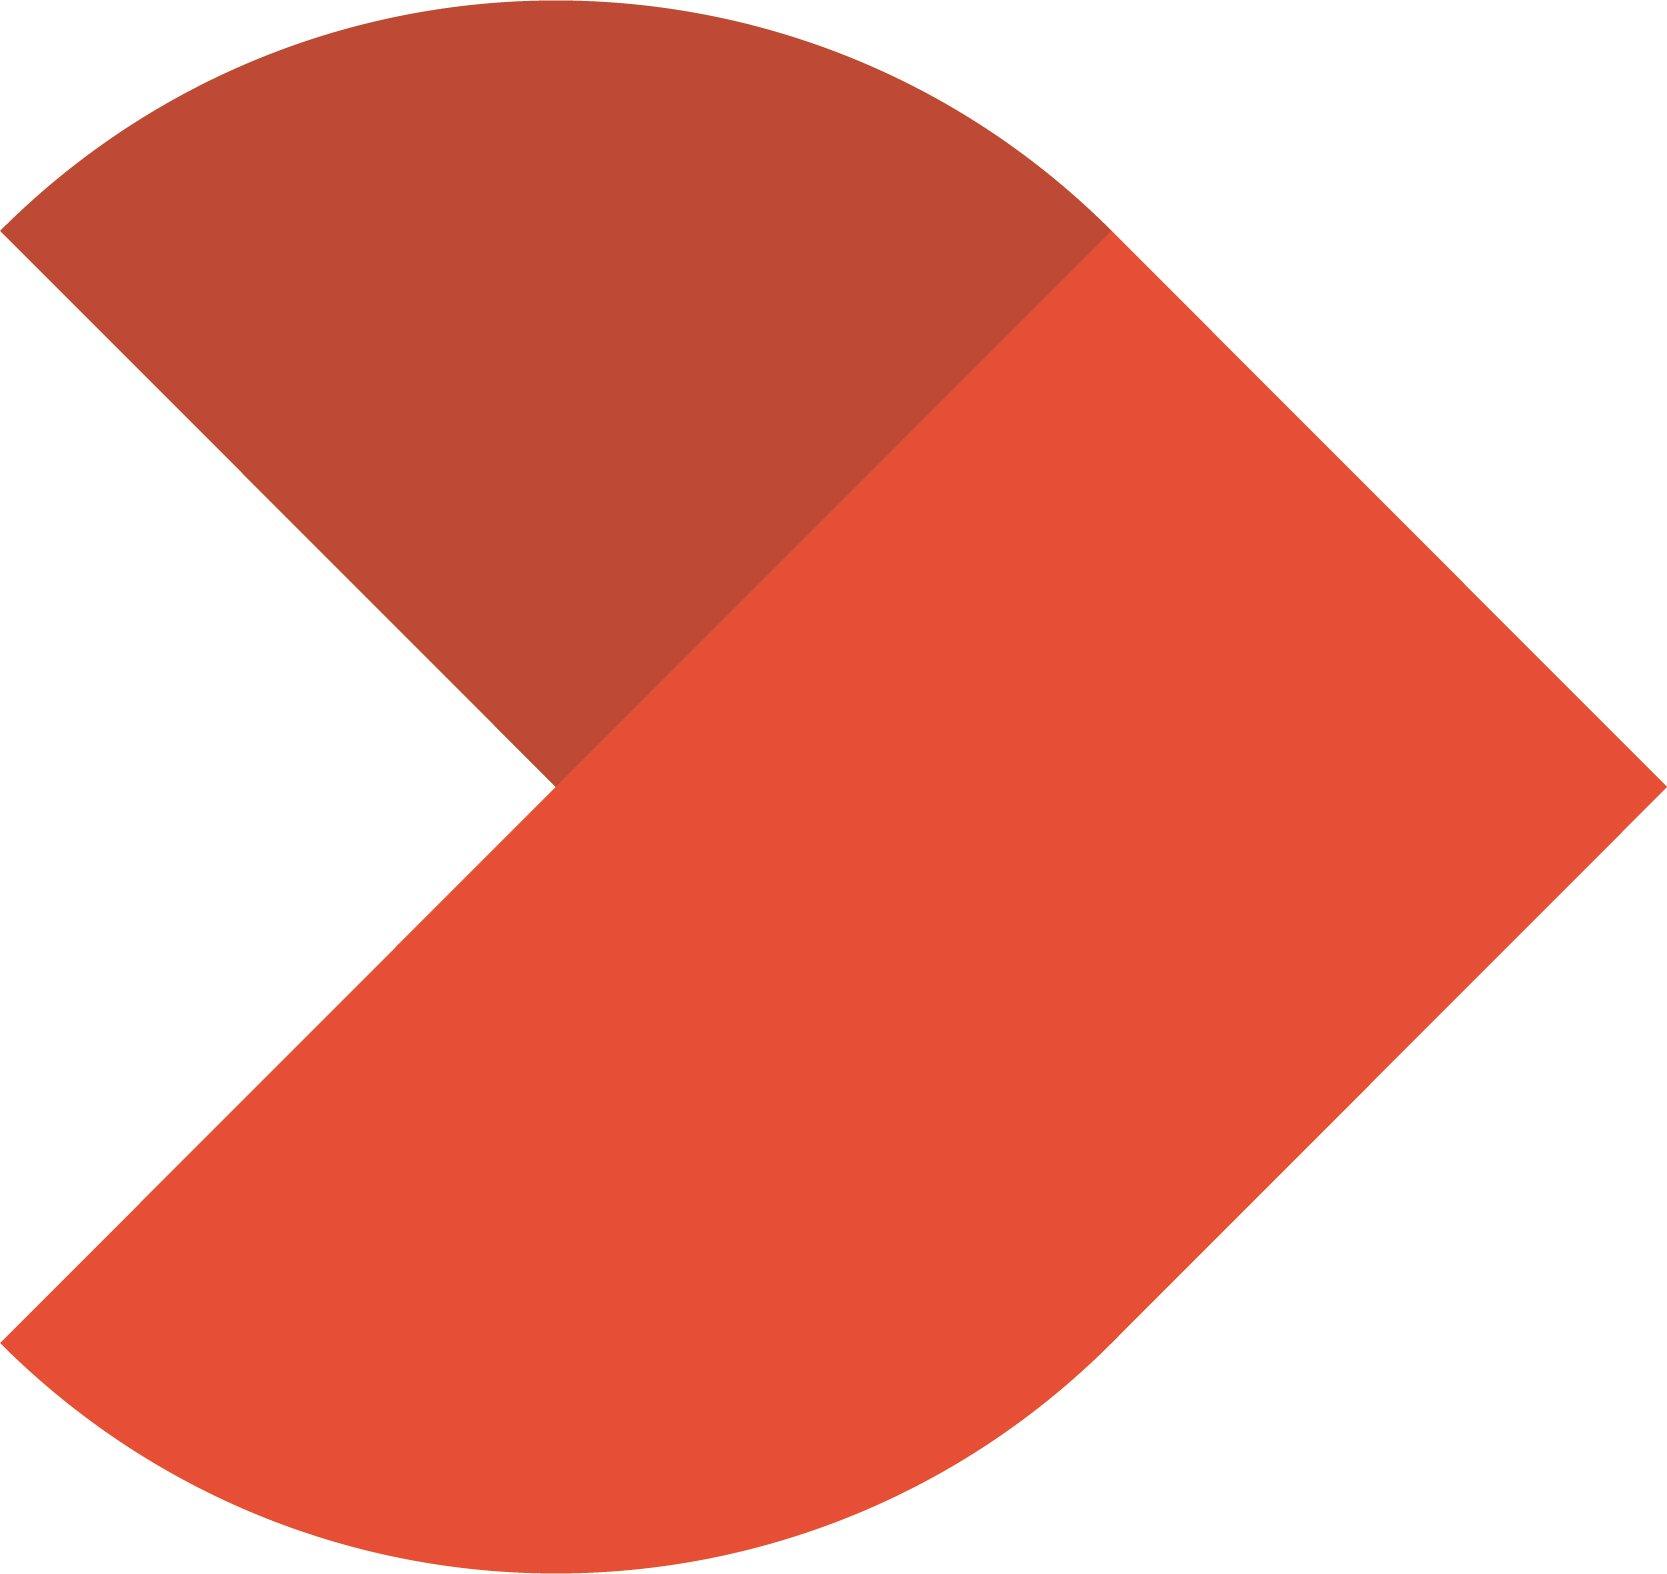 TOPdesk_CMYK_Logomark_large